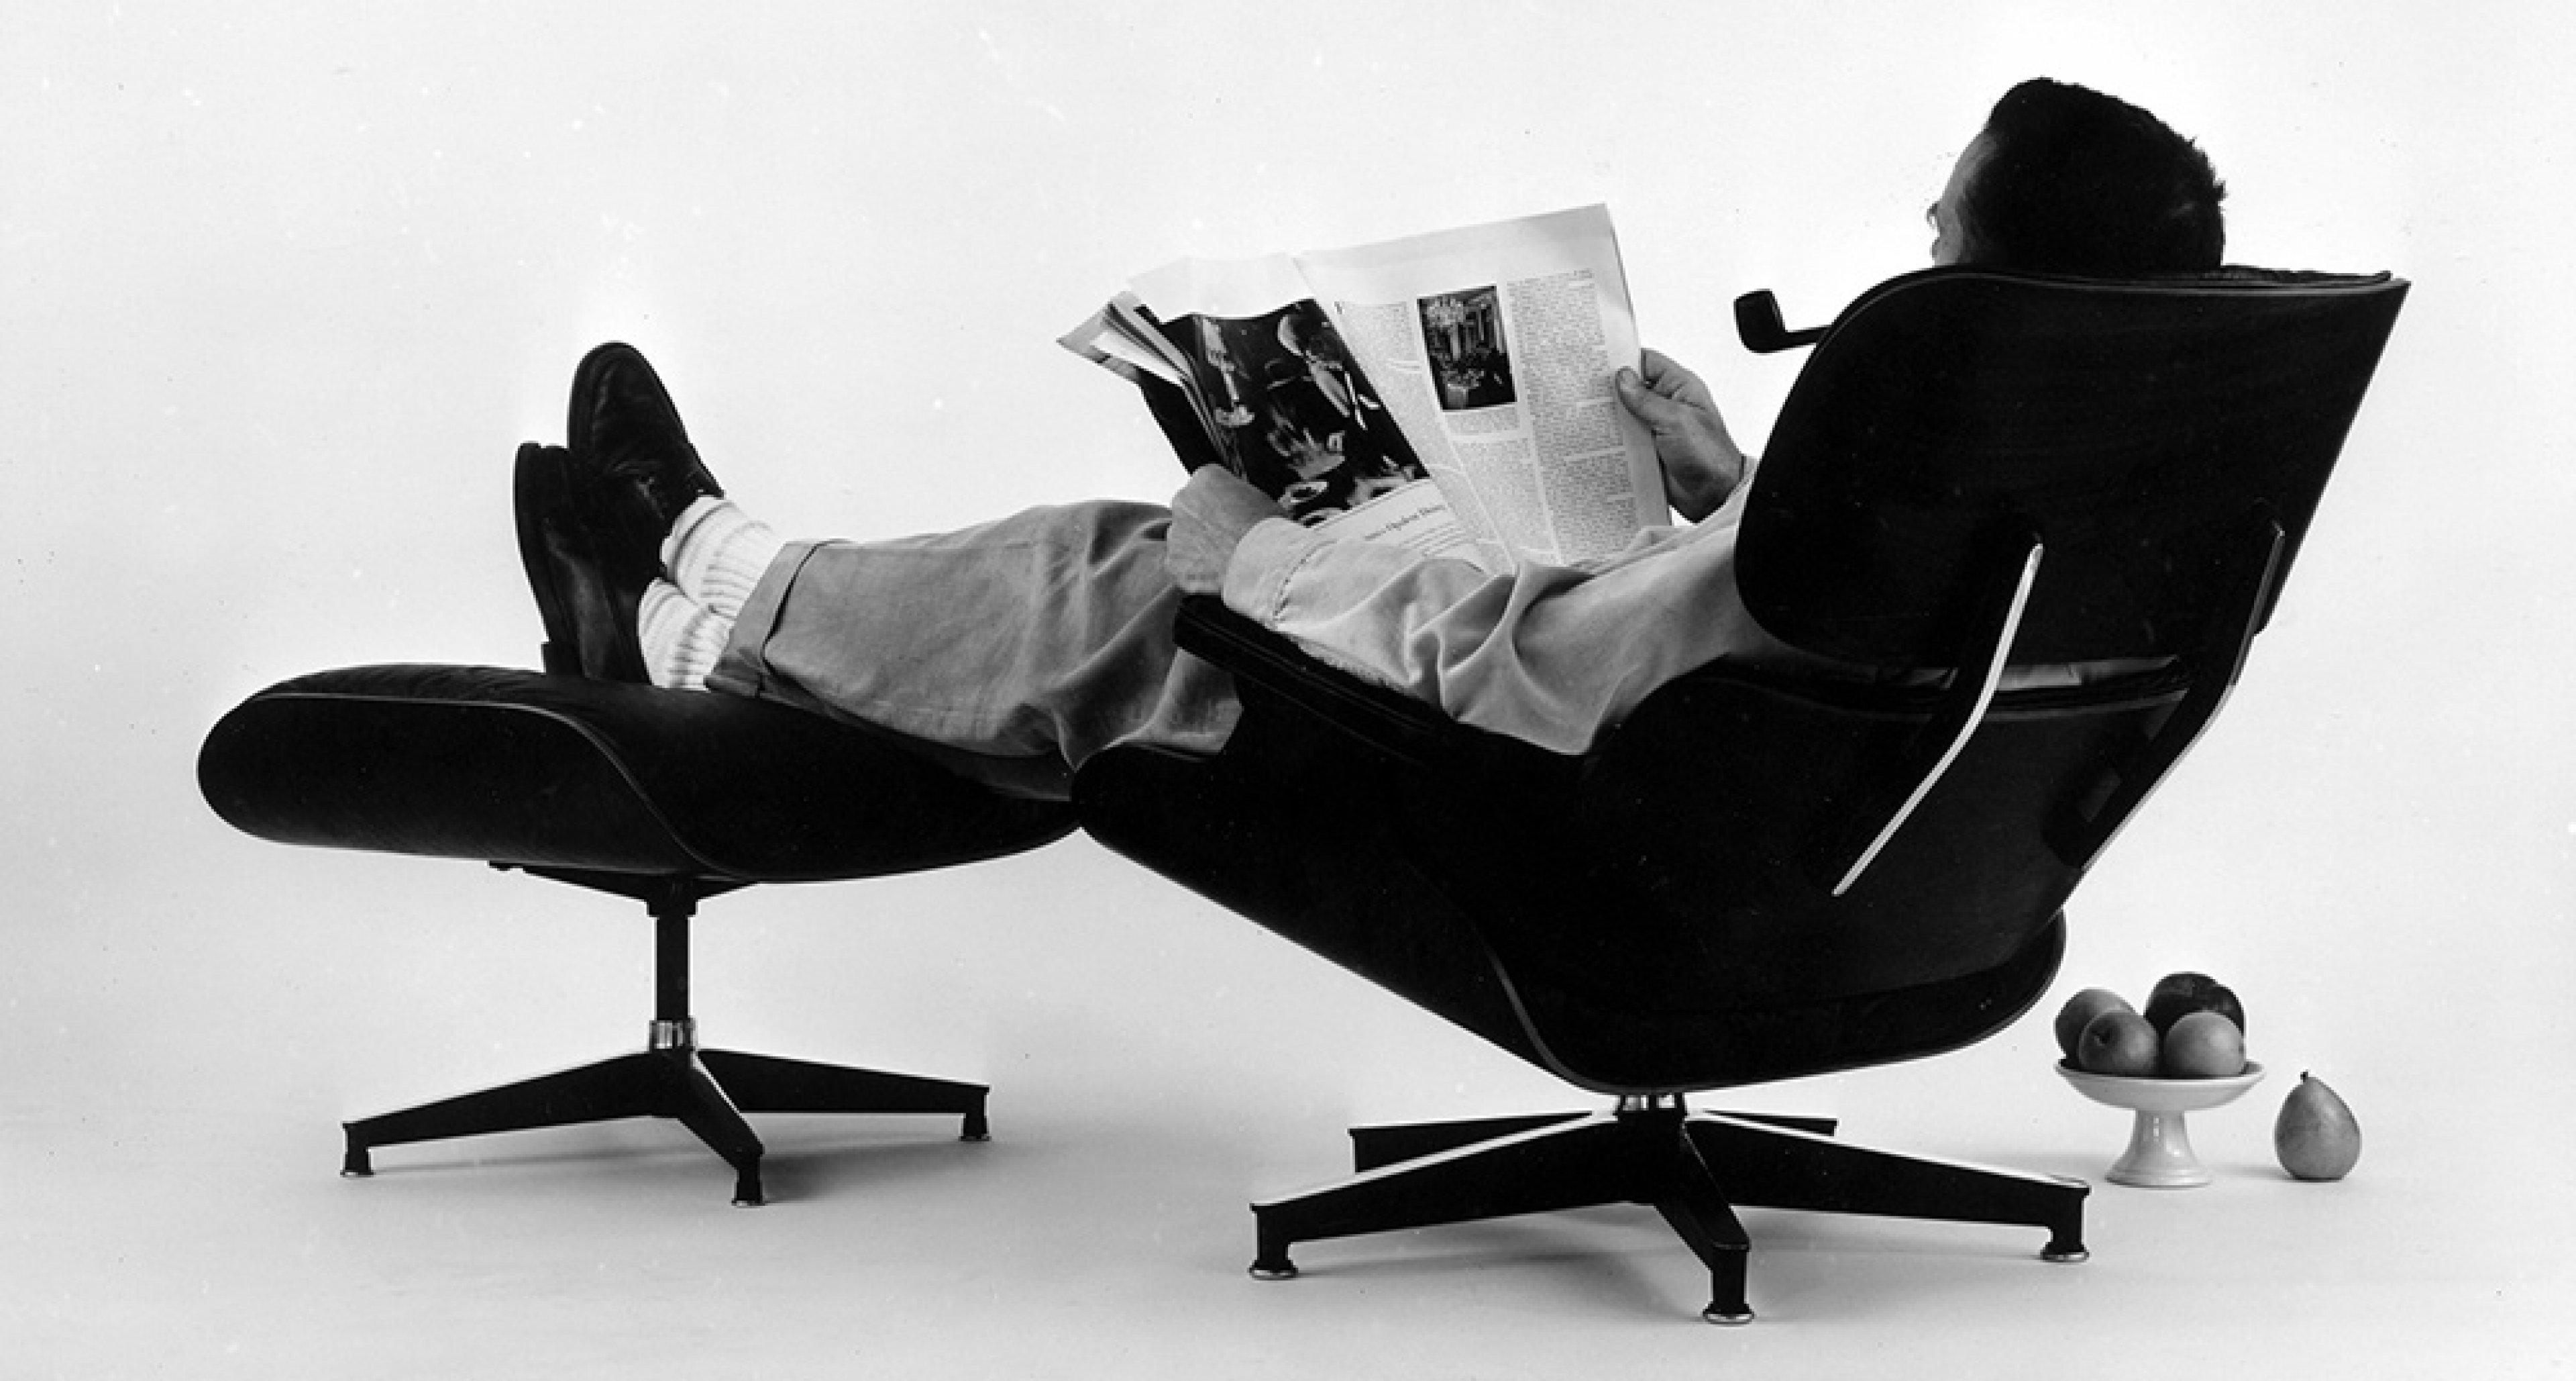 Charles Eames posiert auf Lounge Chair, Foto für eine Werbeanzeige, 1956 © Eames Office LLC